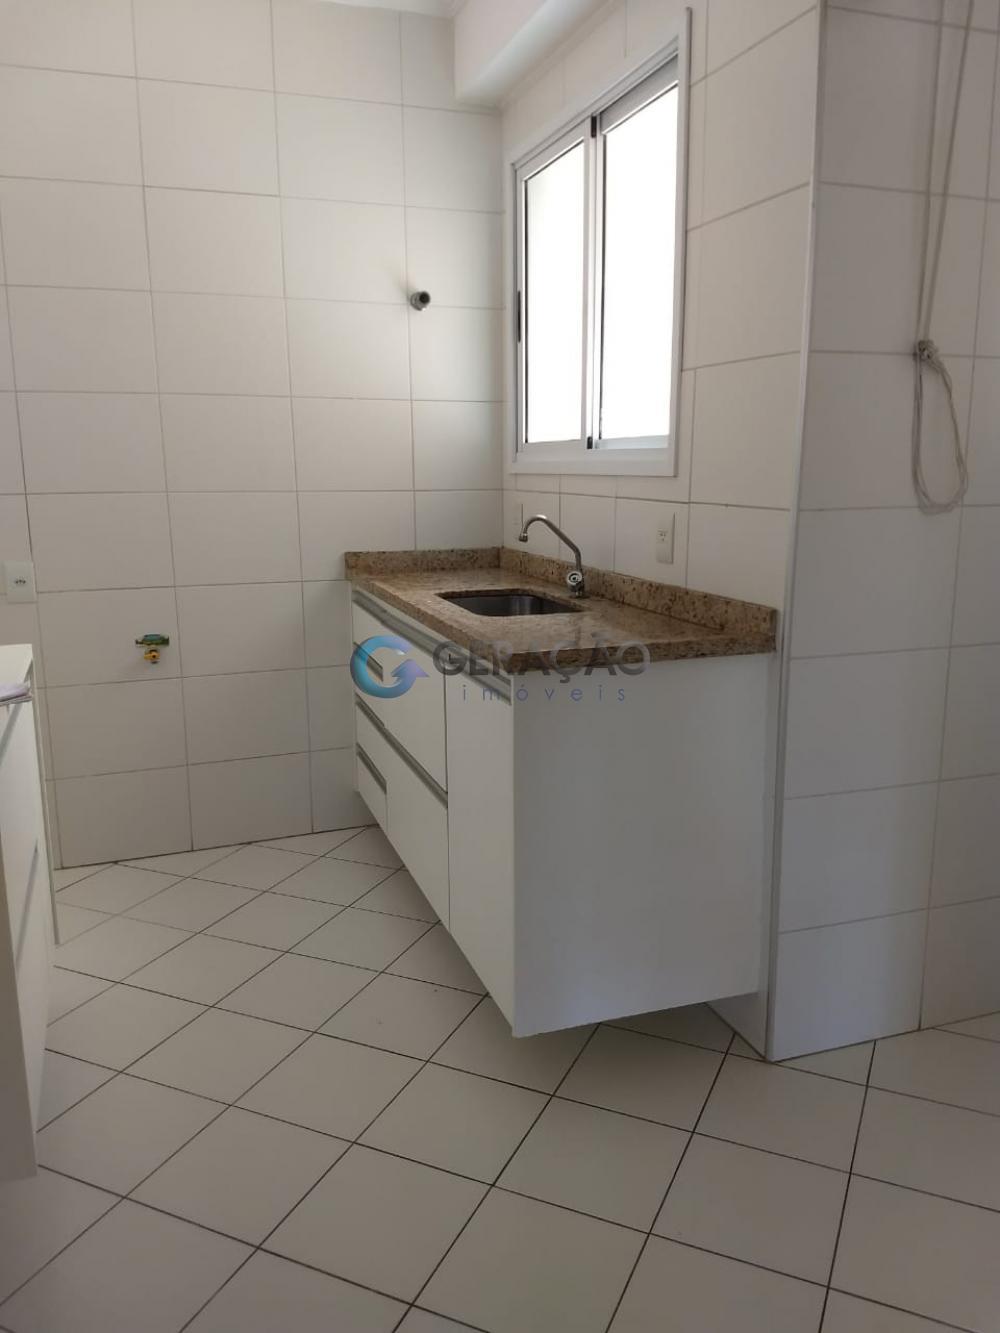 Comprar Apartamento / Padrão em São José dos Campos apenas R$ 425.000,00 - Foto 3